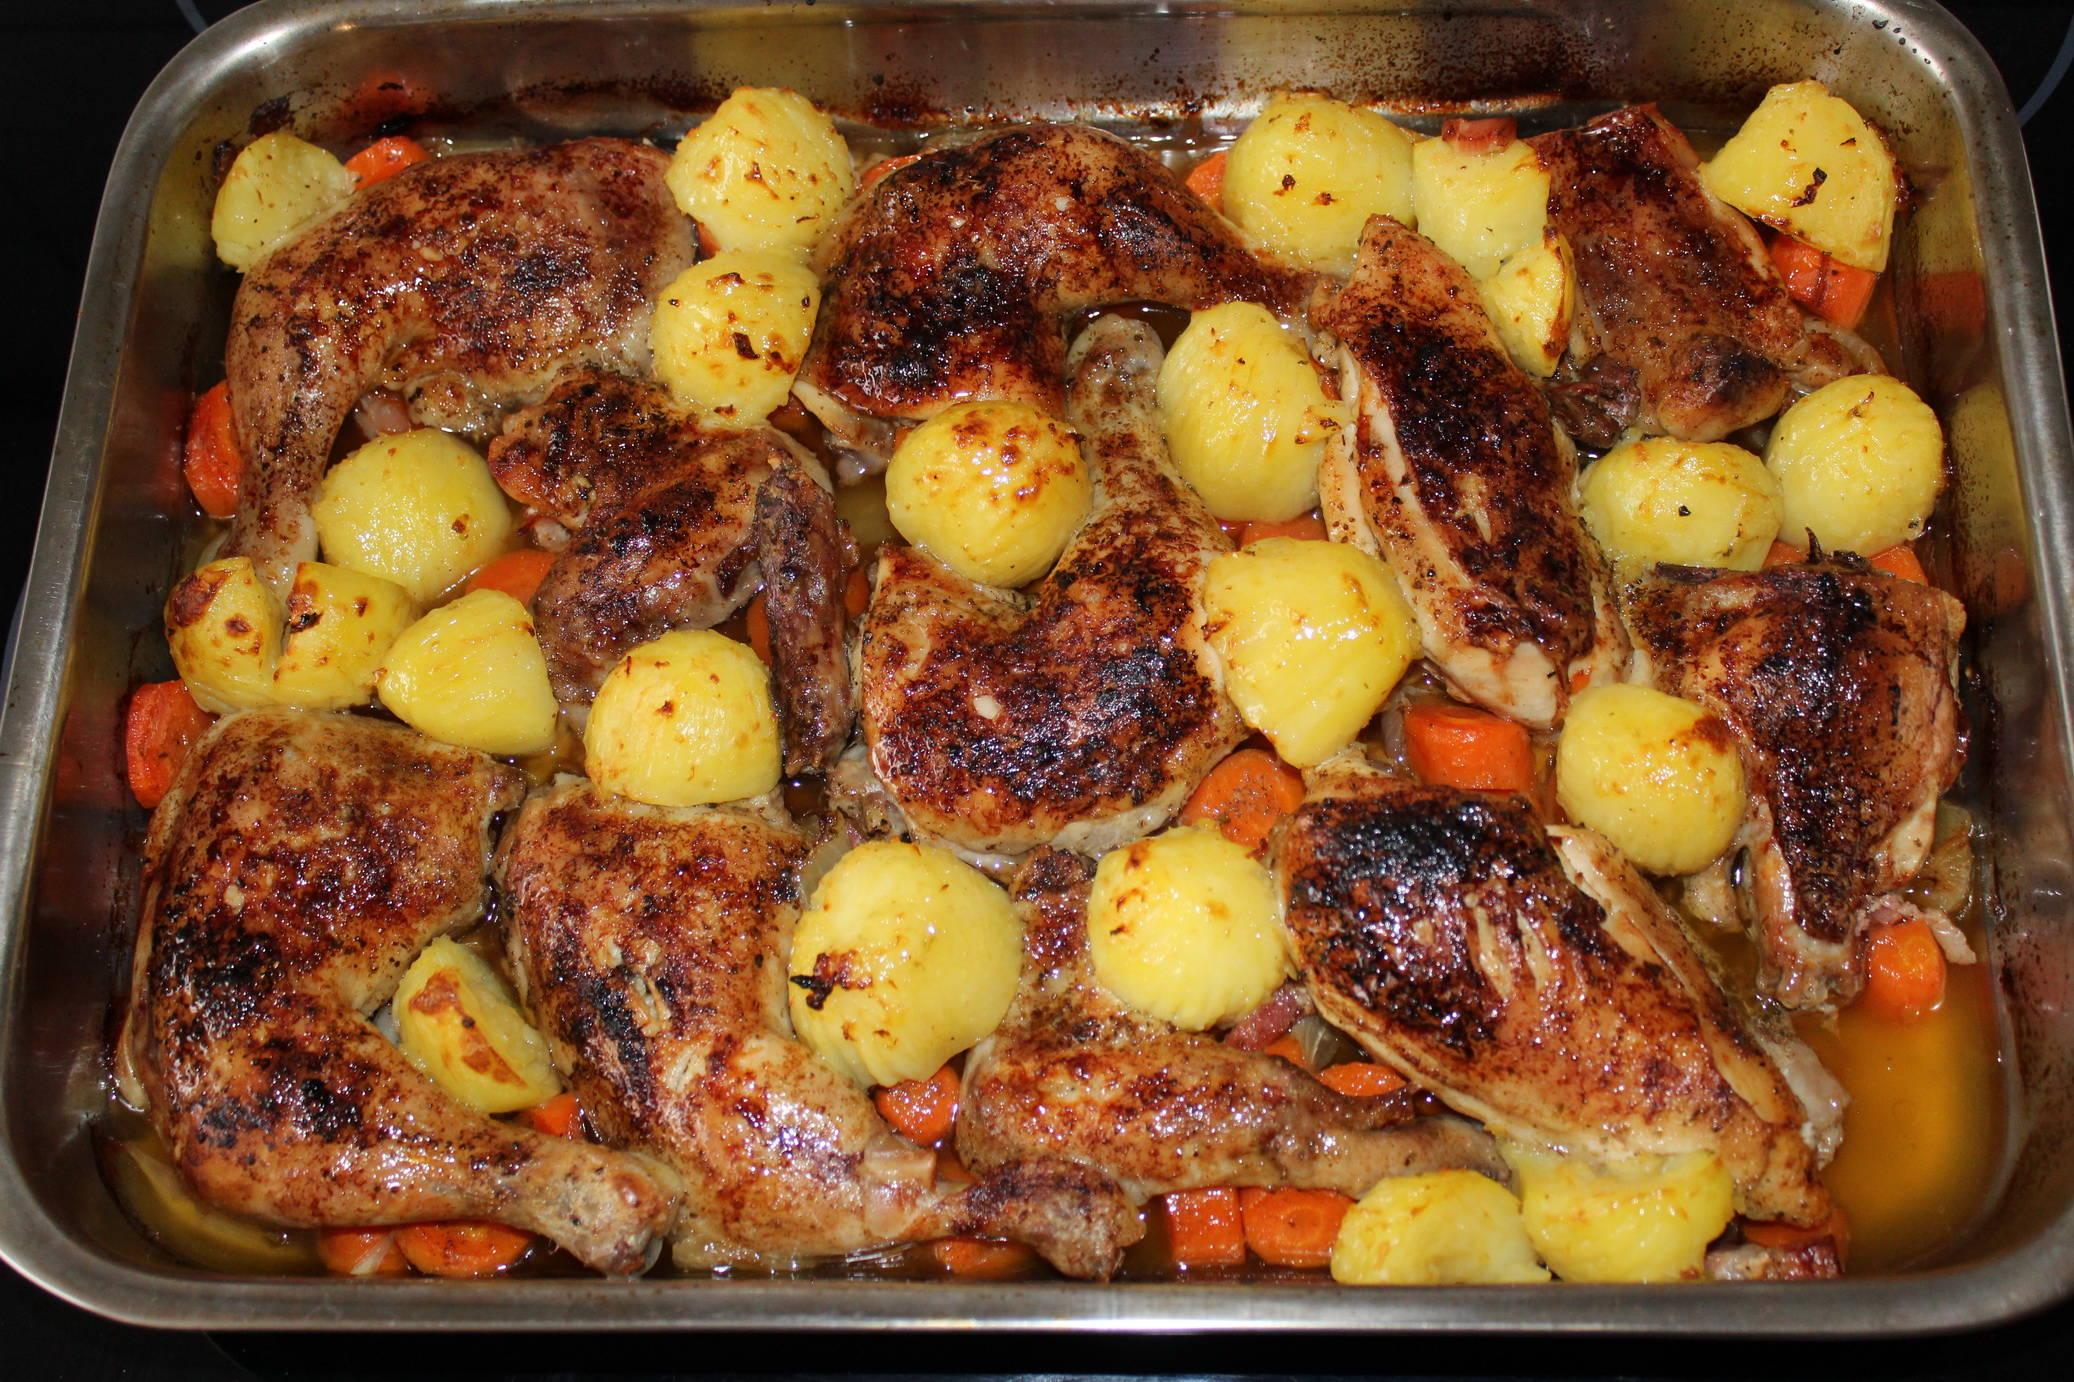 Fűszeres sült csirke zöldségekkel recept főfotó